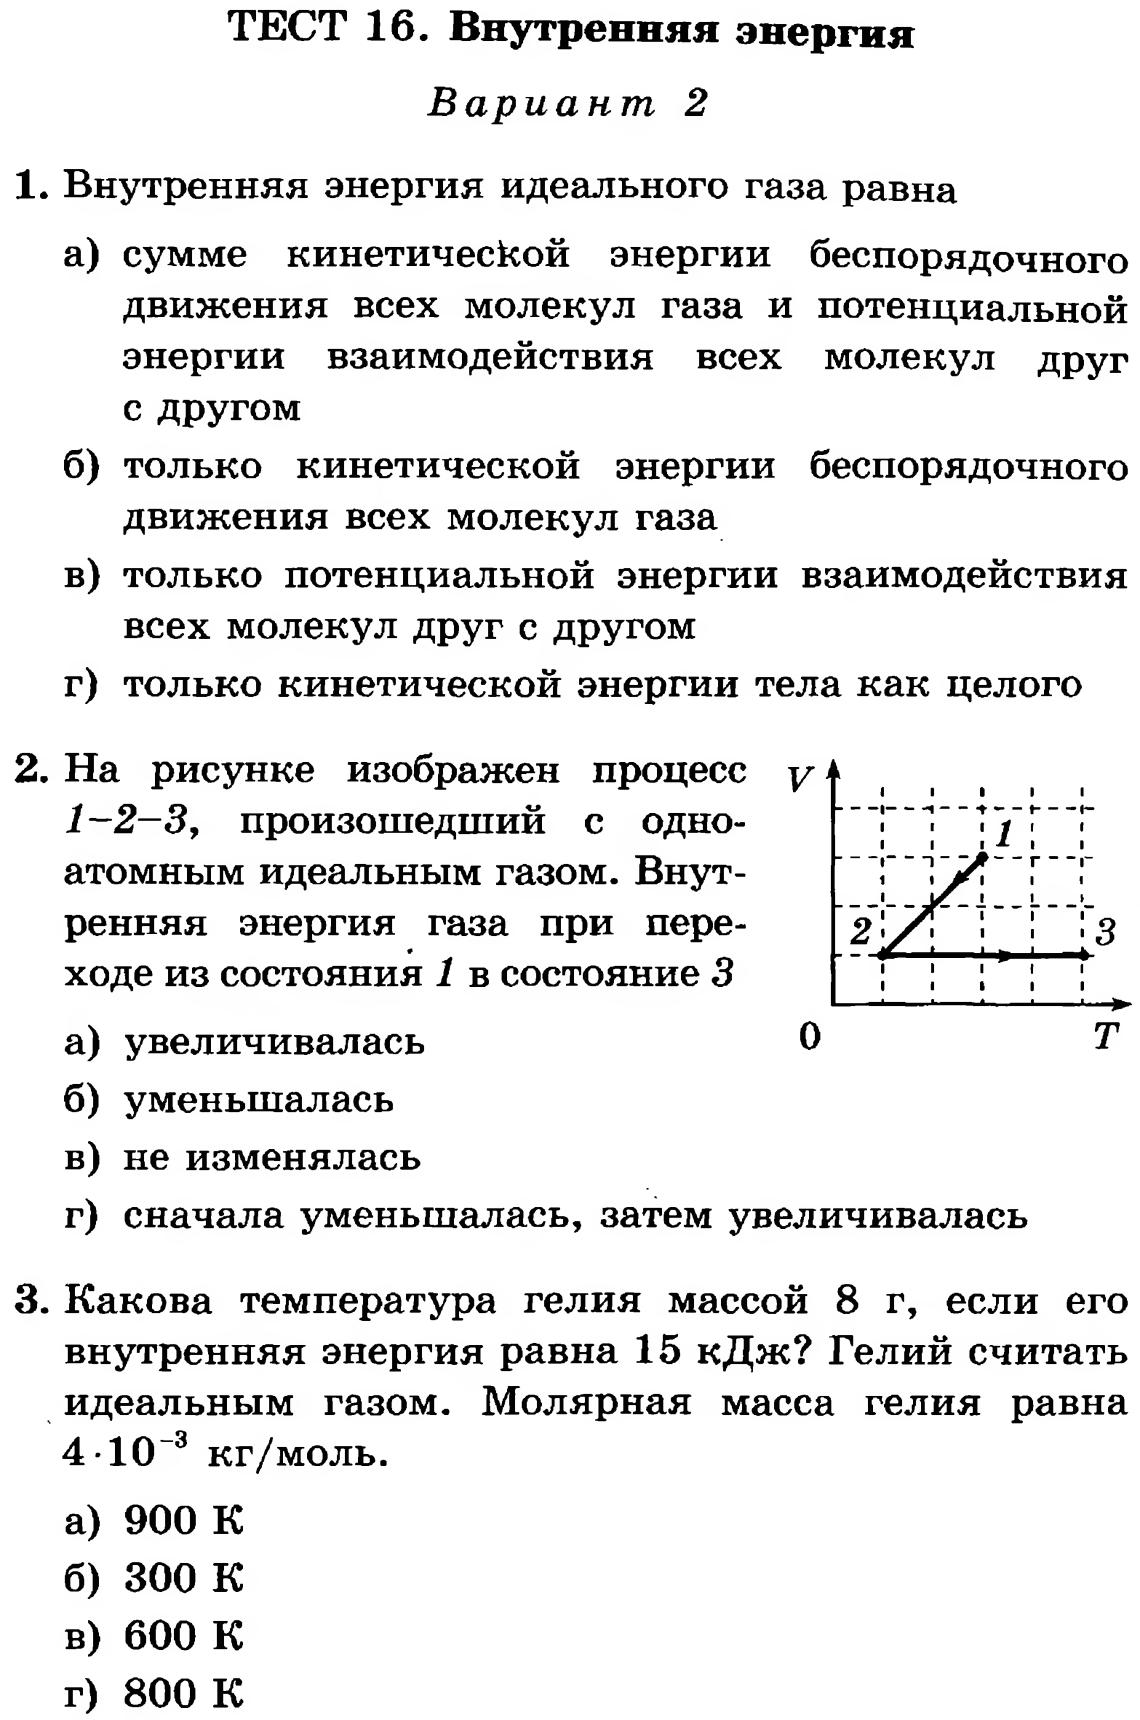 8 класс физика решение задач внутренняя энергия решение задач на кластерах